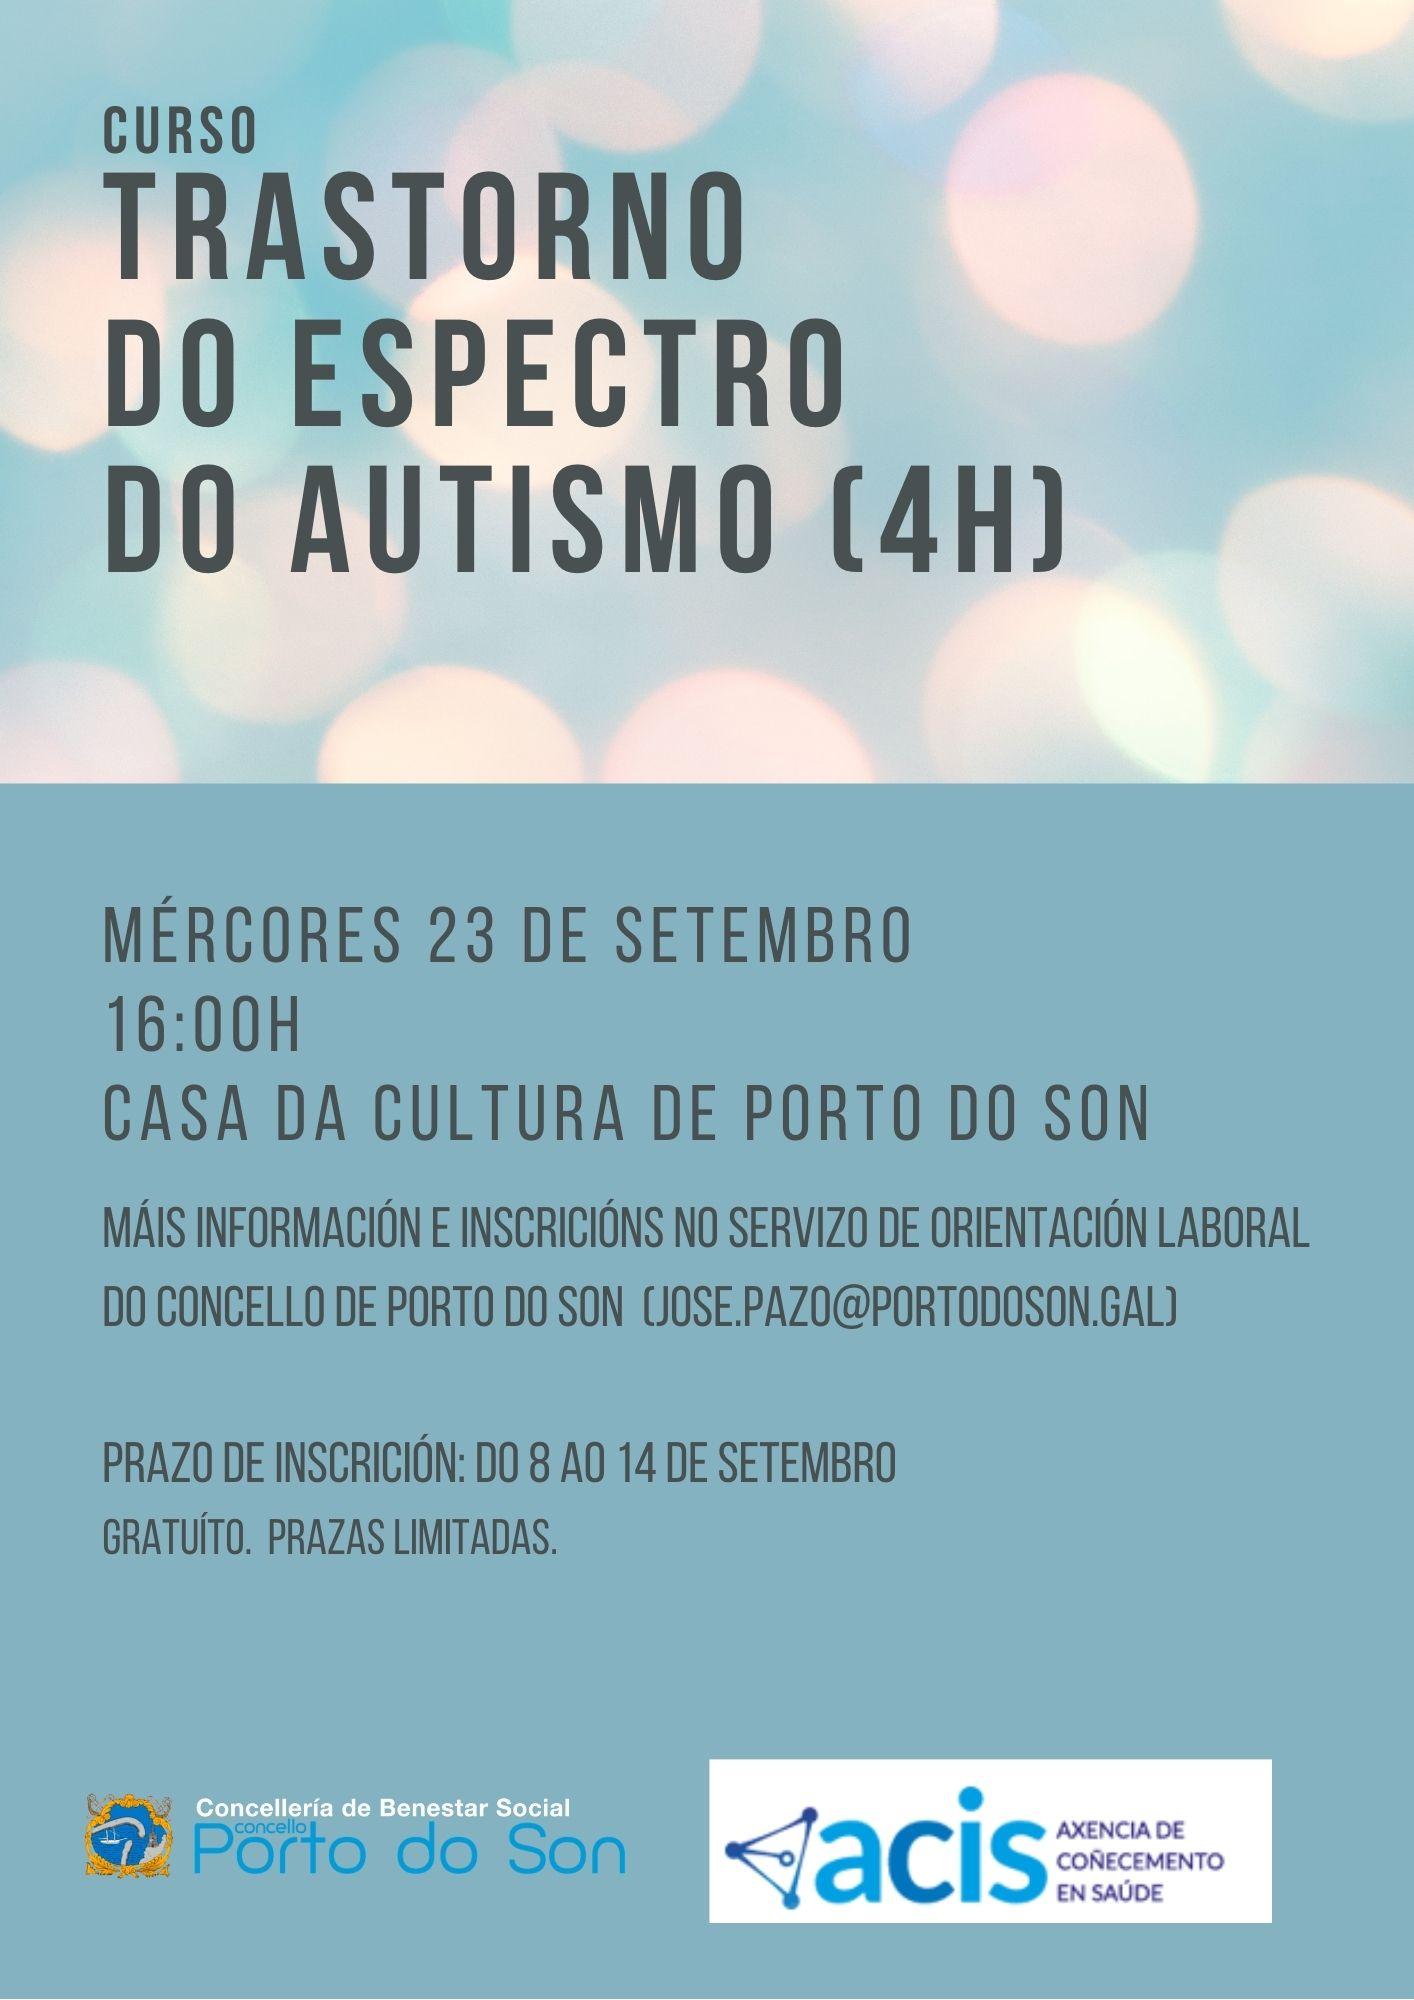 curso-de-trastorno-do-espectro-do-autismo-4h-2